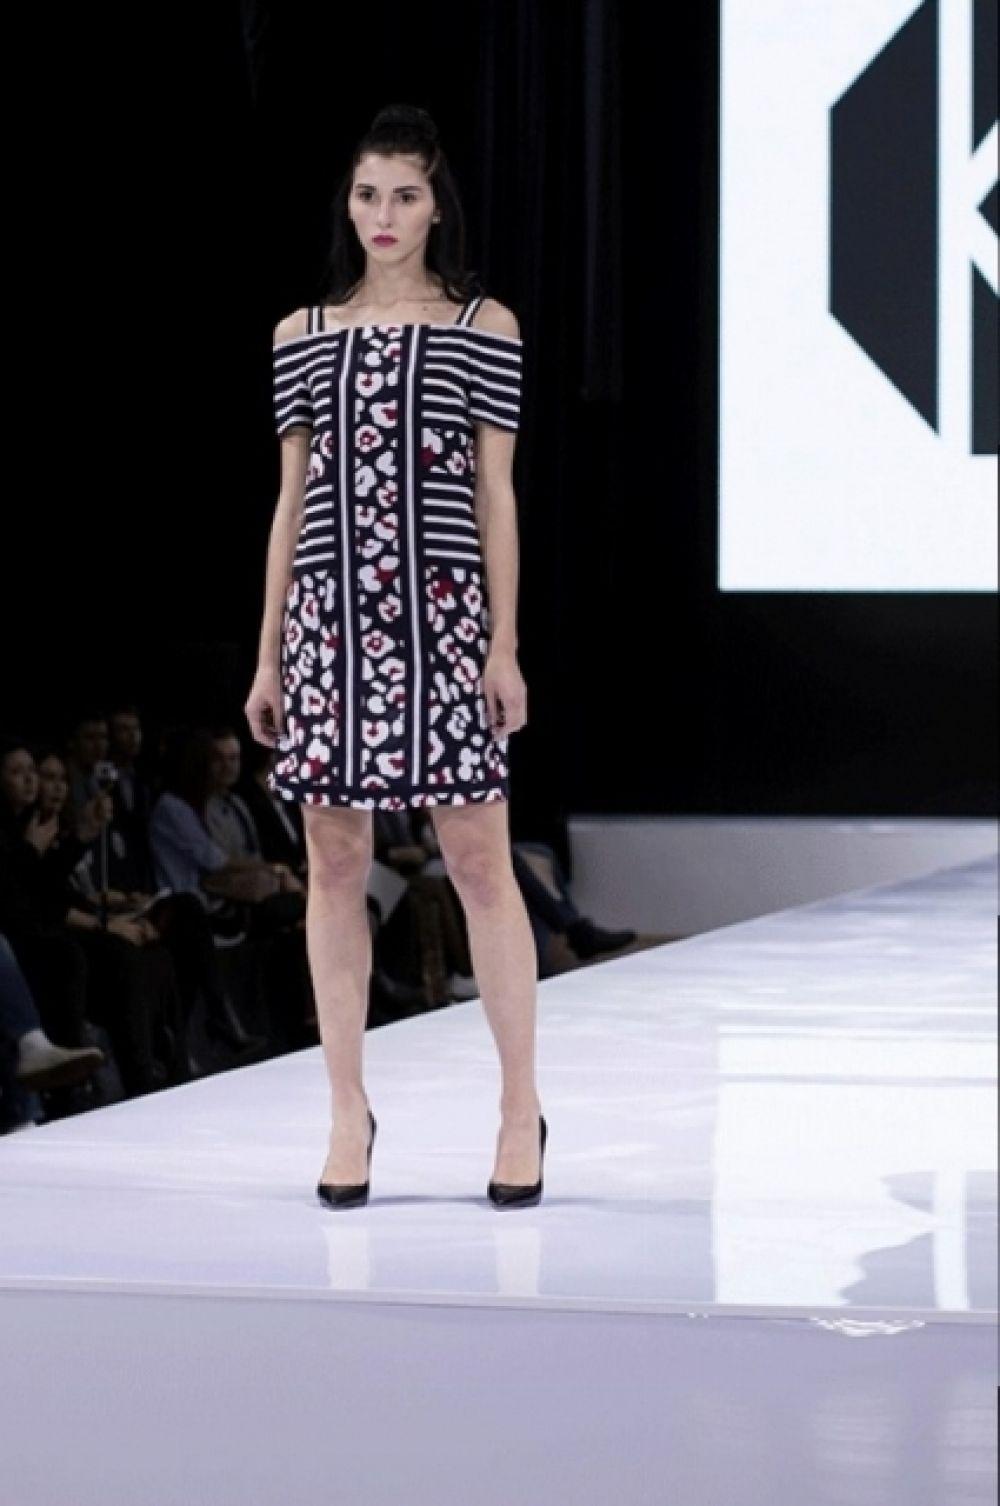 А в этом платье с замысловатыми принтами можно идти на коктейльную вечеринку. Образ от Ольги Куницыной.